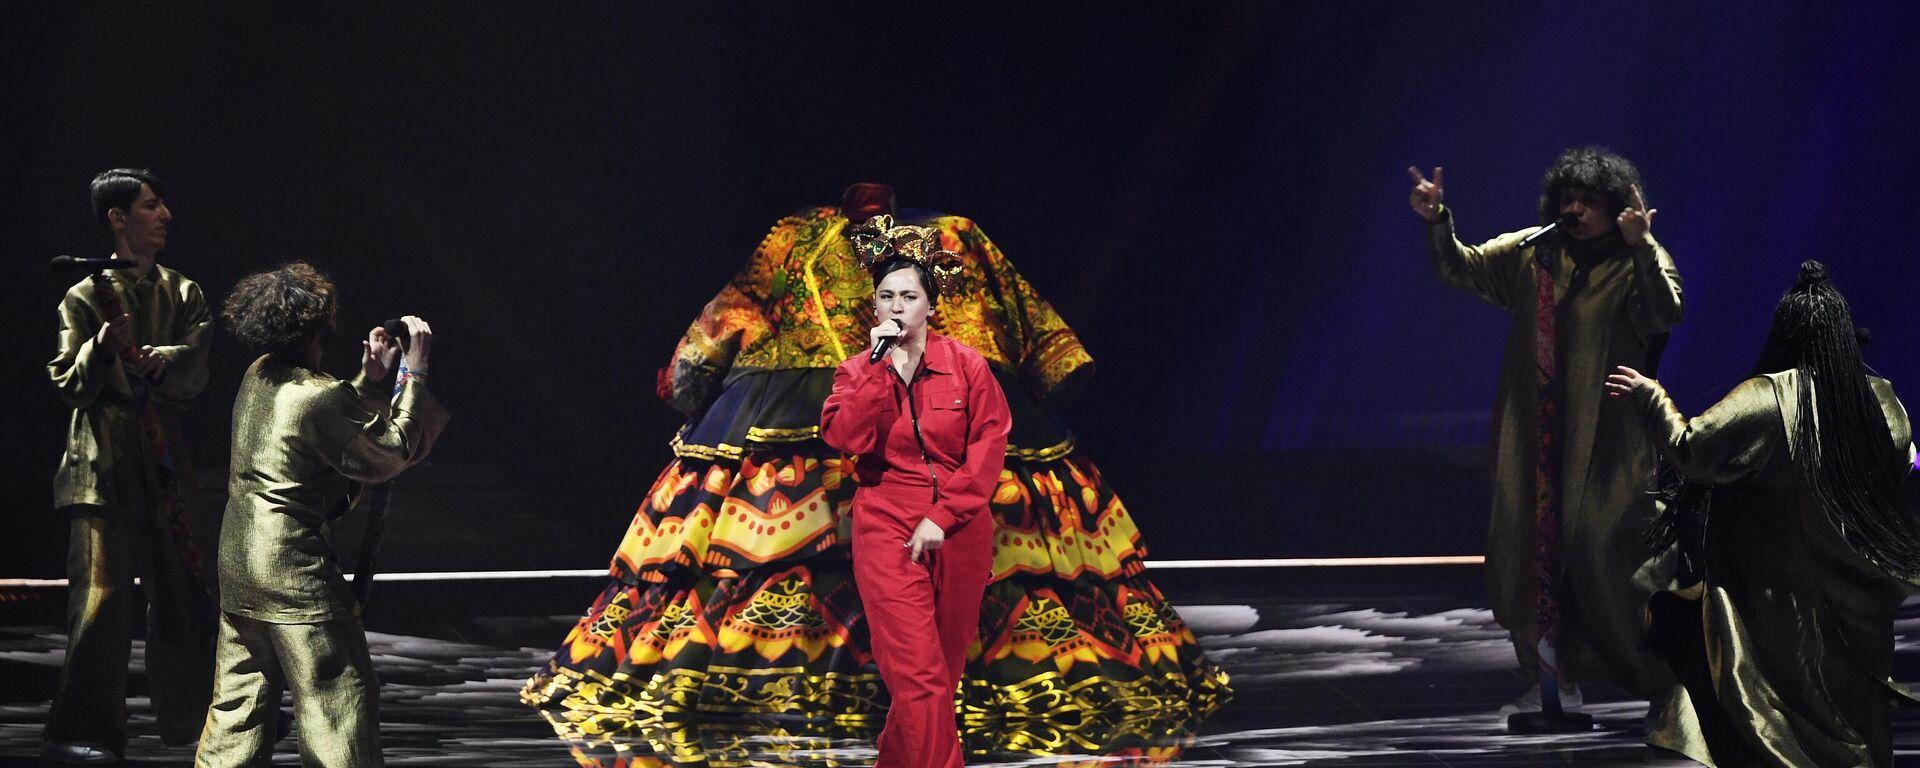 La actuación de la cantante Manizha en el concurso musical Eurovisión 2021 - Sputnik Mundo, 1920, 19.05.2021